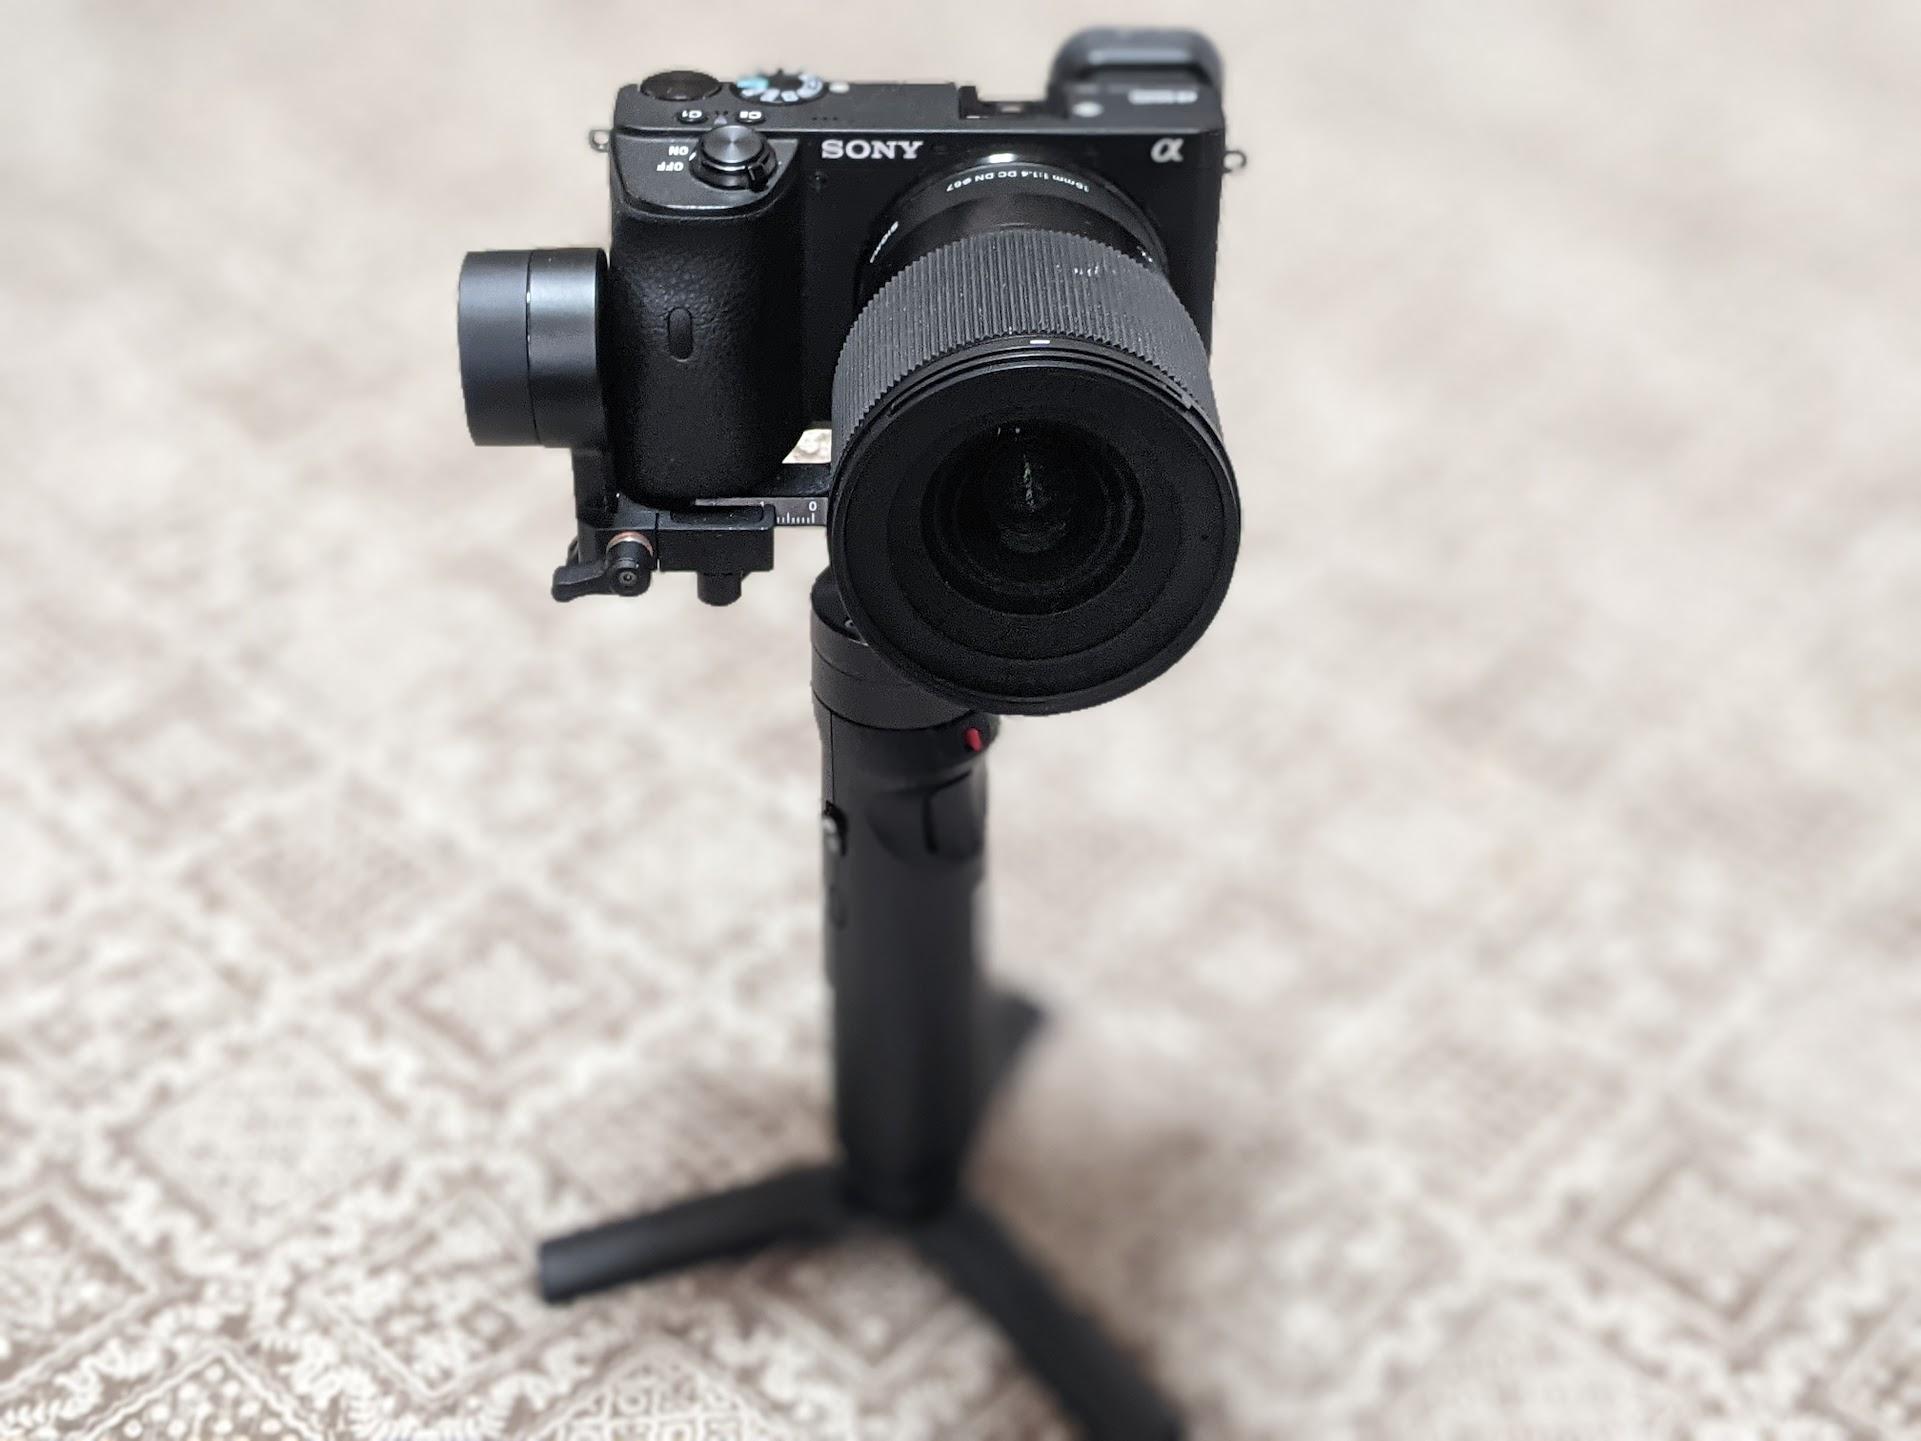 【無謀な挑戦】α6600+SIGMA 16mm F1.4は小型ジンバルZhiyunCrane-M2に乗るのか、意外な結果!